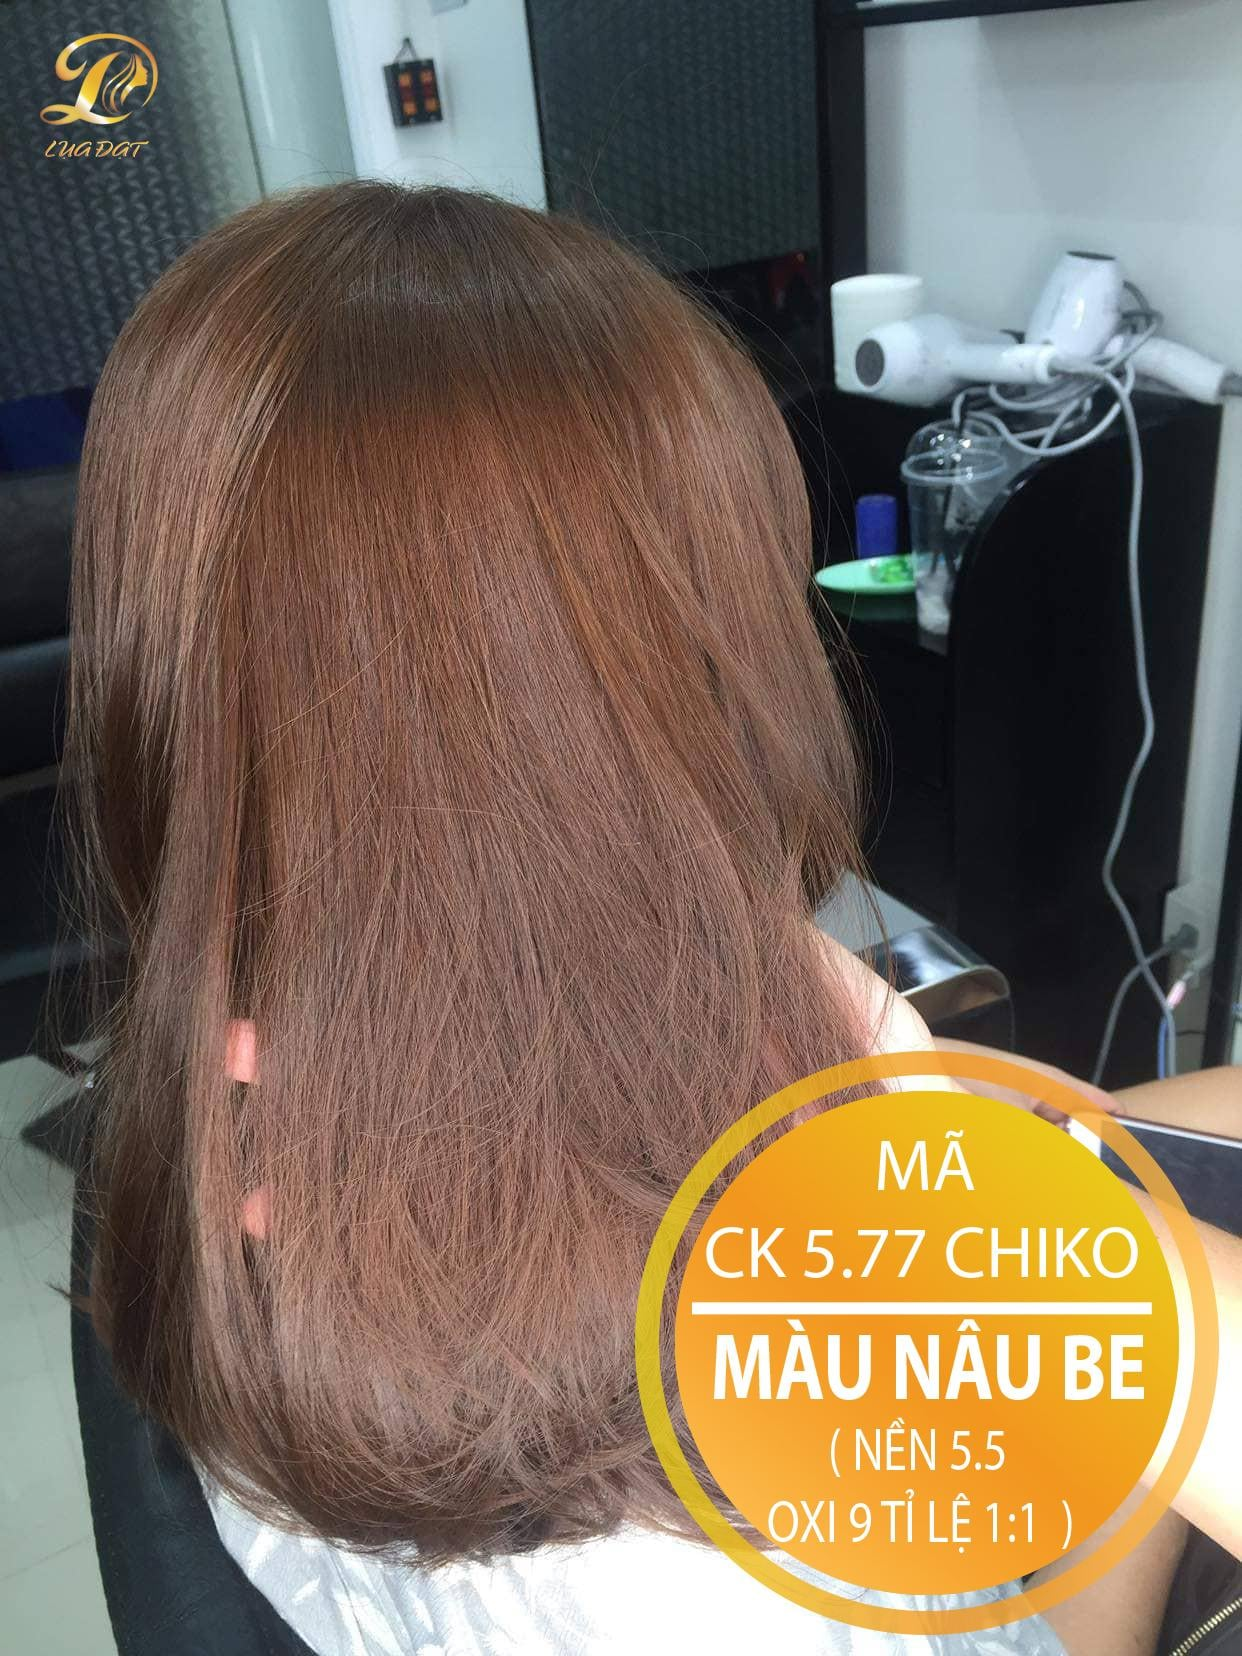 Thuốc nhuộm tóc Chiko màu nâu be (CK 5.77) KHÔNG TẨY + TẶNG kèm trợ nhuộm 100ml cao cấp